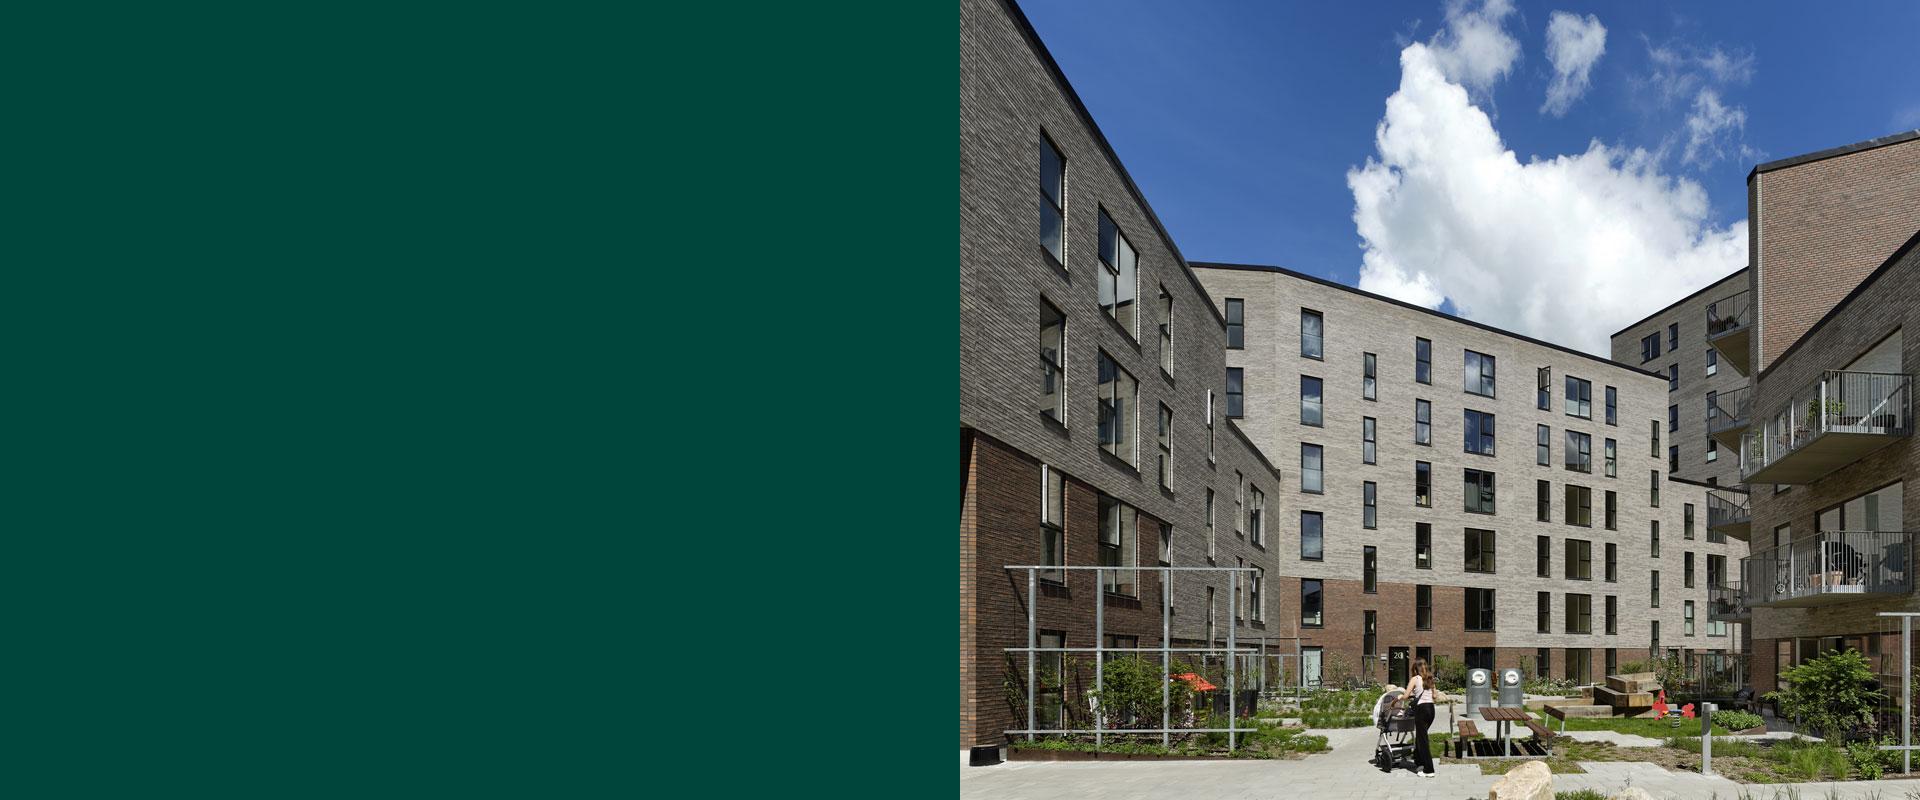 Anlægsarbejde, konstruktioner, VVS-ventilation, fagtilsyn, Købmandsgården og Porthuset, Oluf Jørgensen